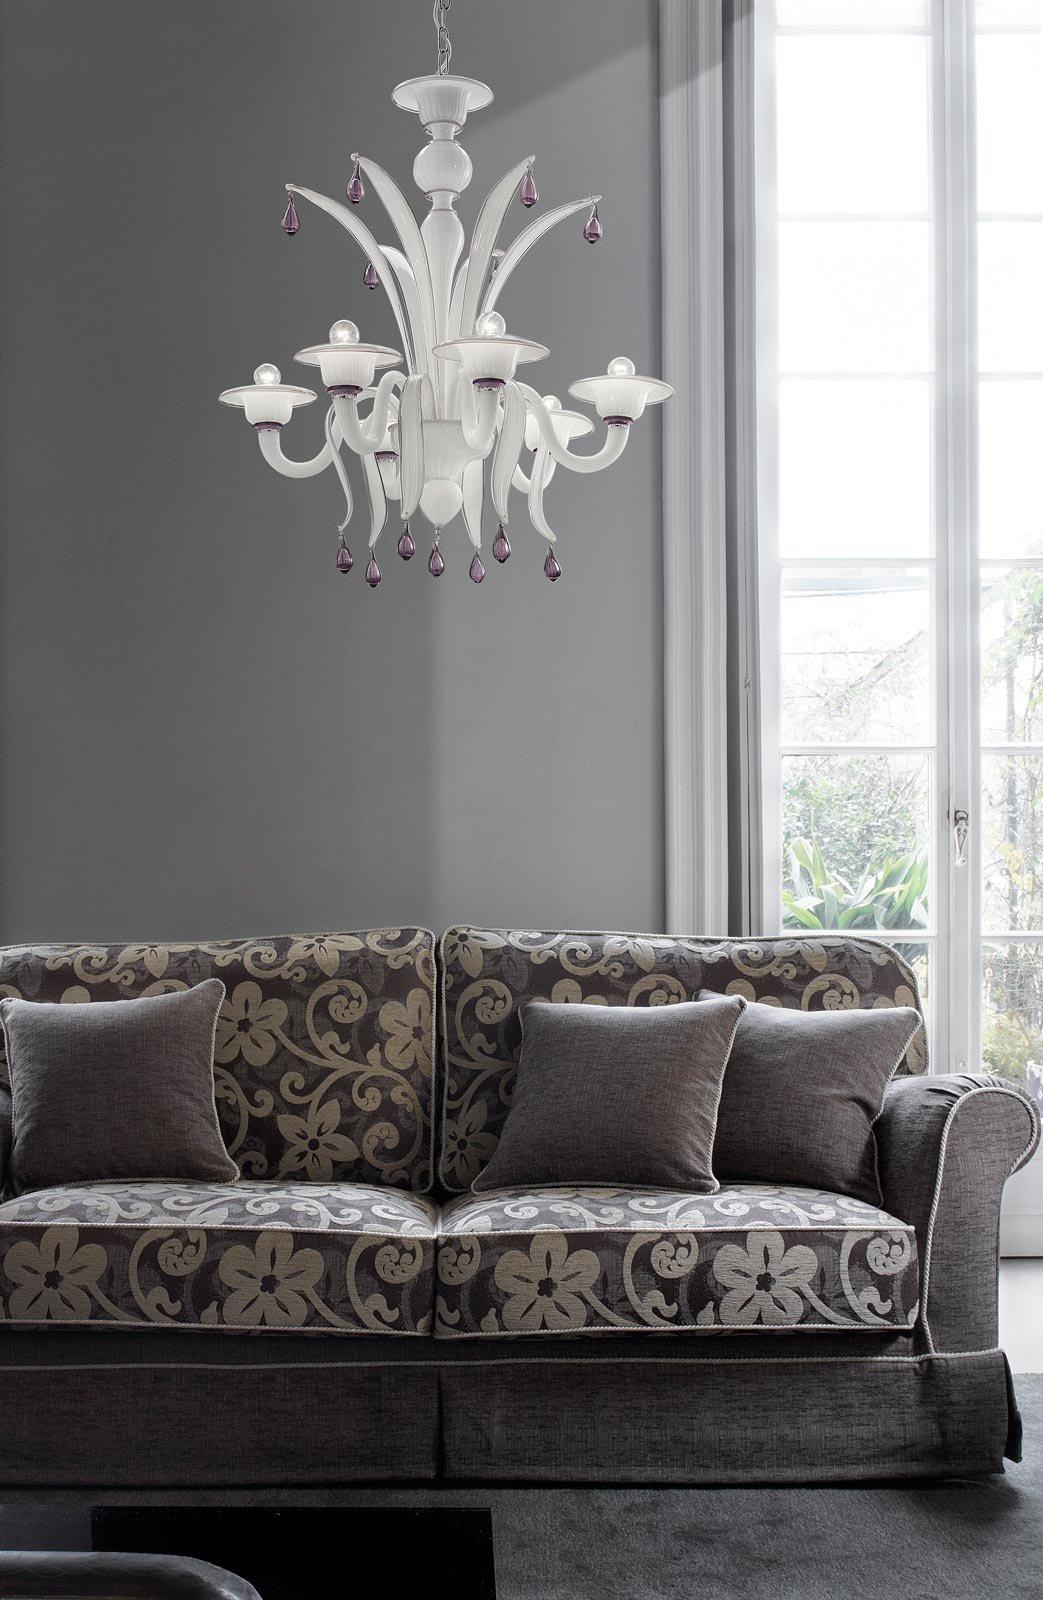 Lampadari Per Casa Al Mare lampadari: uno stile per ogni ambiente - cose di casa